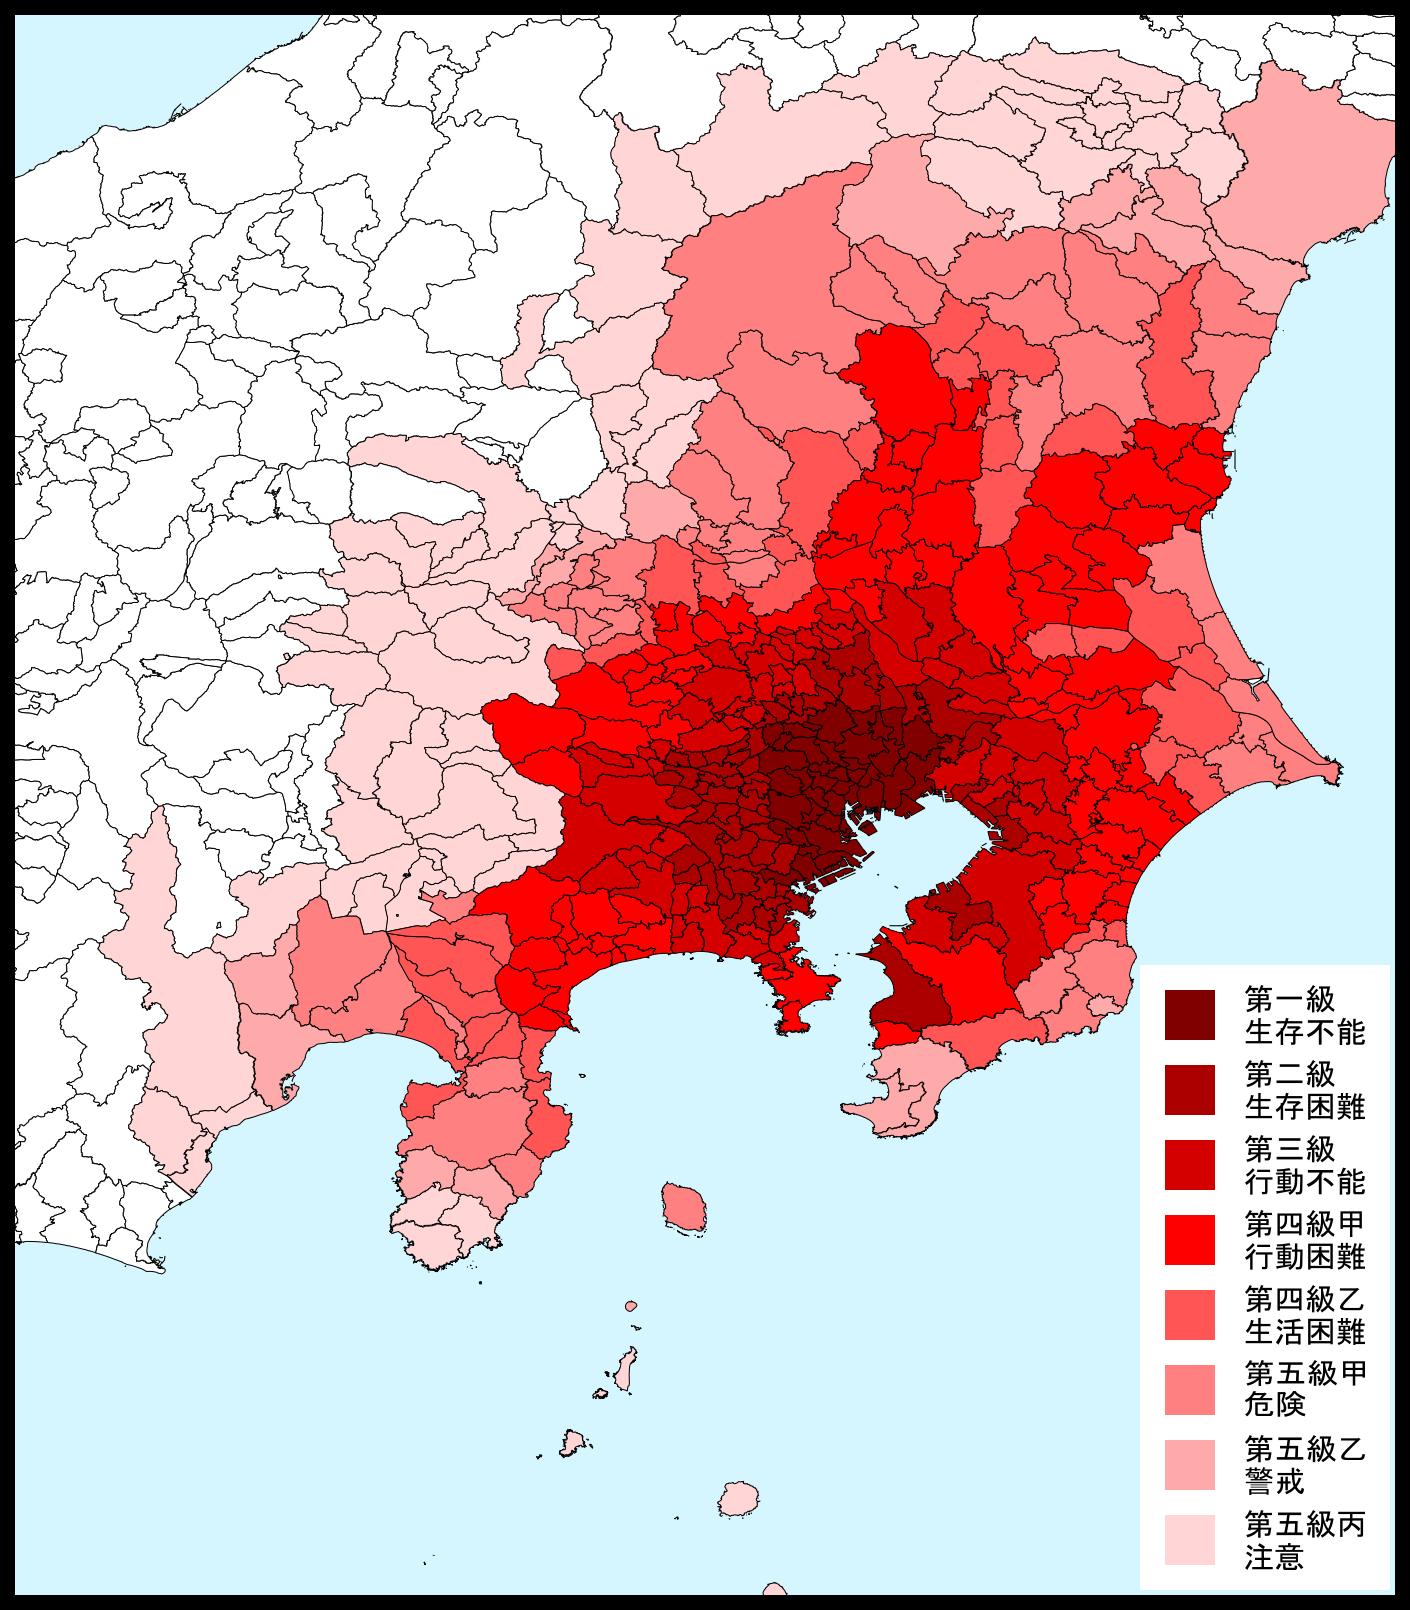 GKAD_map_032.png